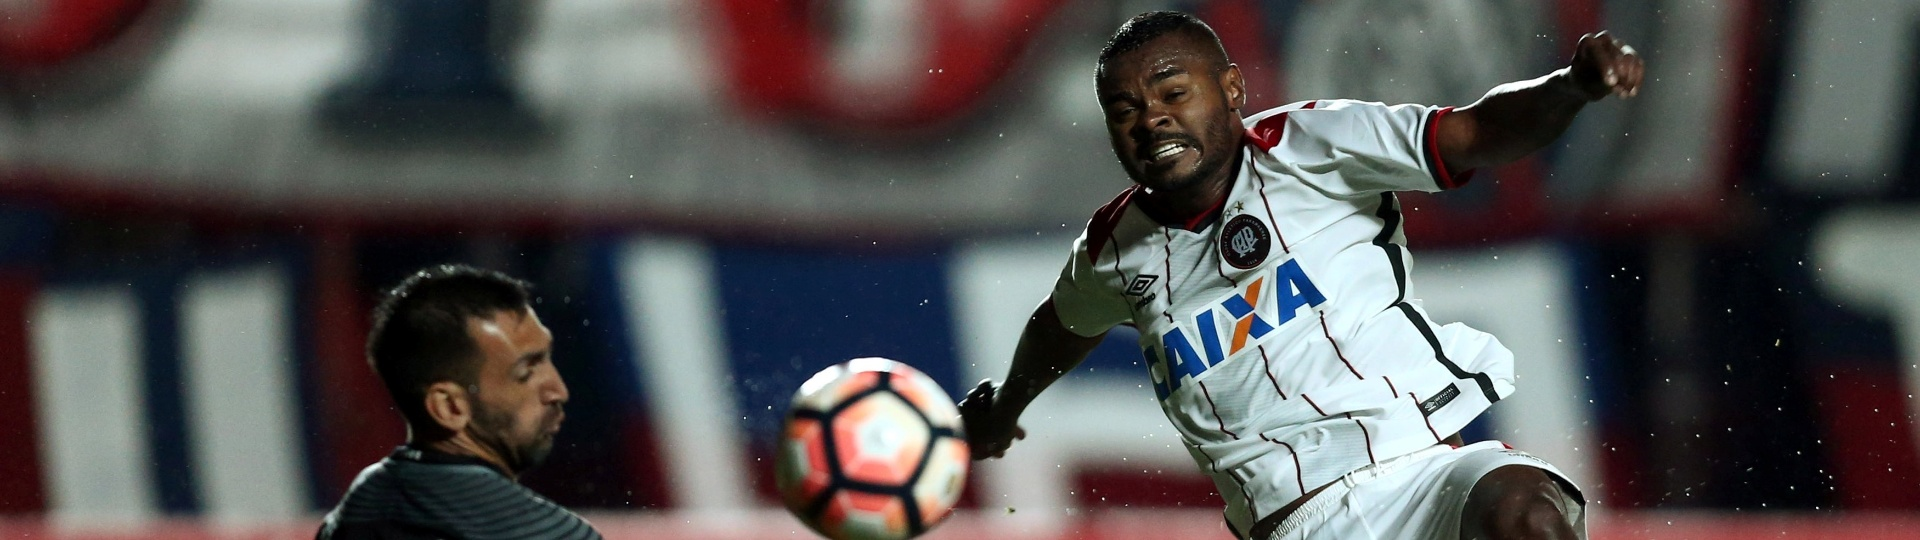 Nikão, do Atlético-PR, tenta superar o goleiro Sebastian Torrico, do San Lorenzo